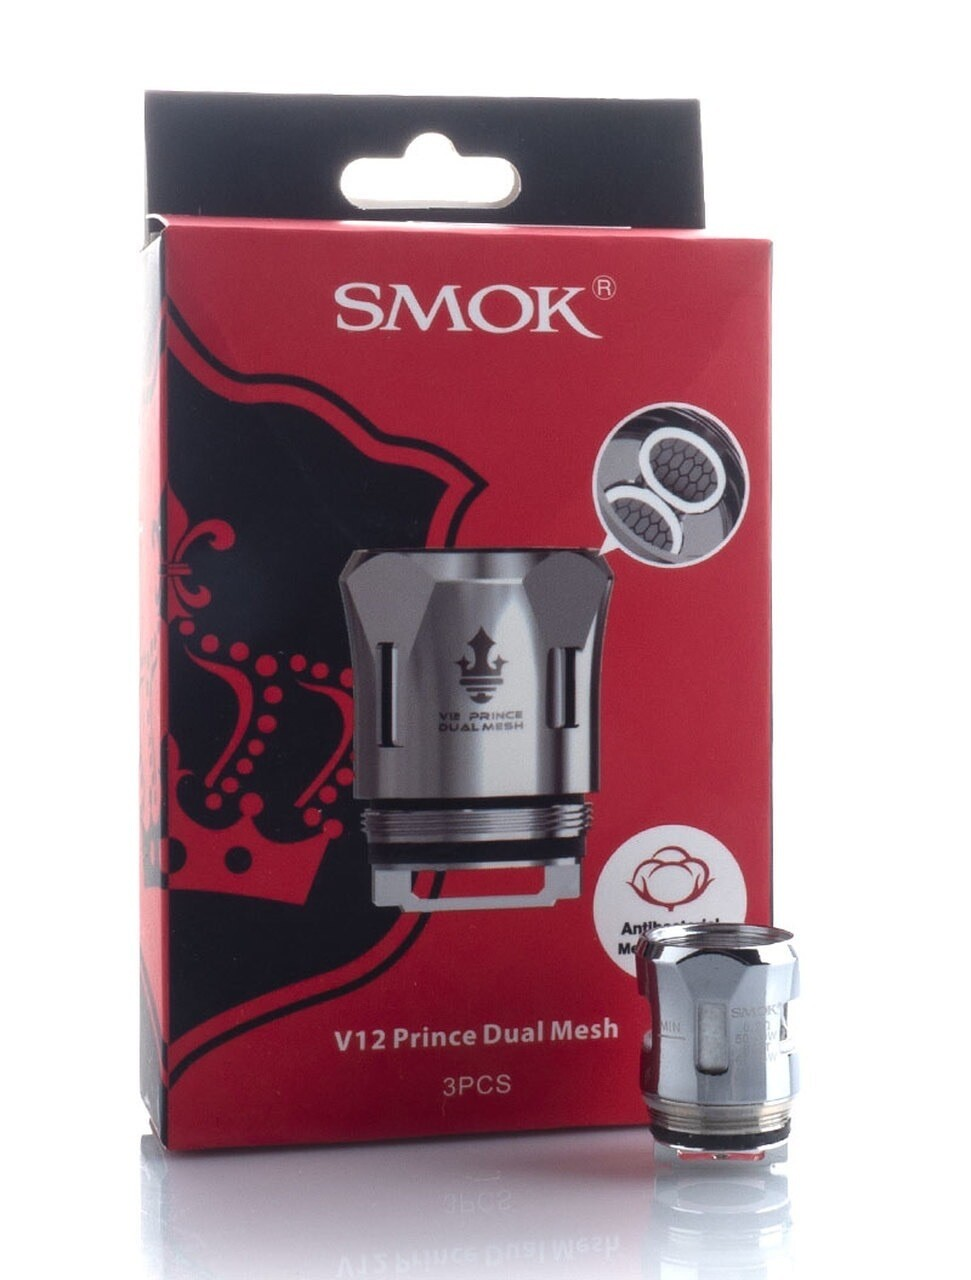 Smok V12 Prince Dual Mesh Coil .2ohm